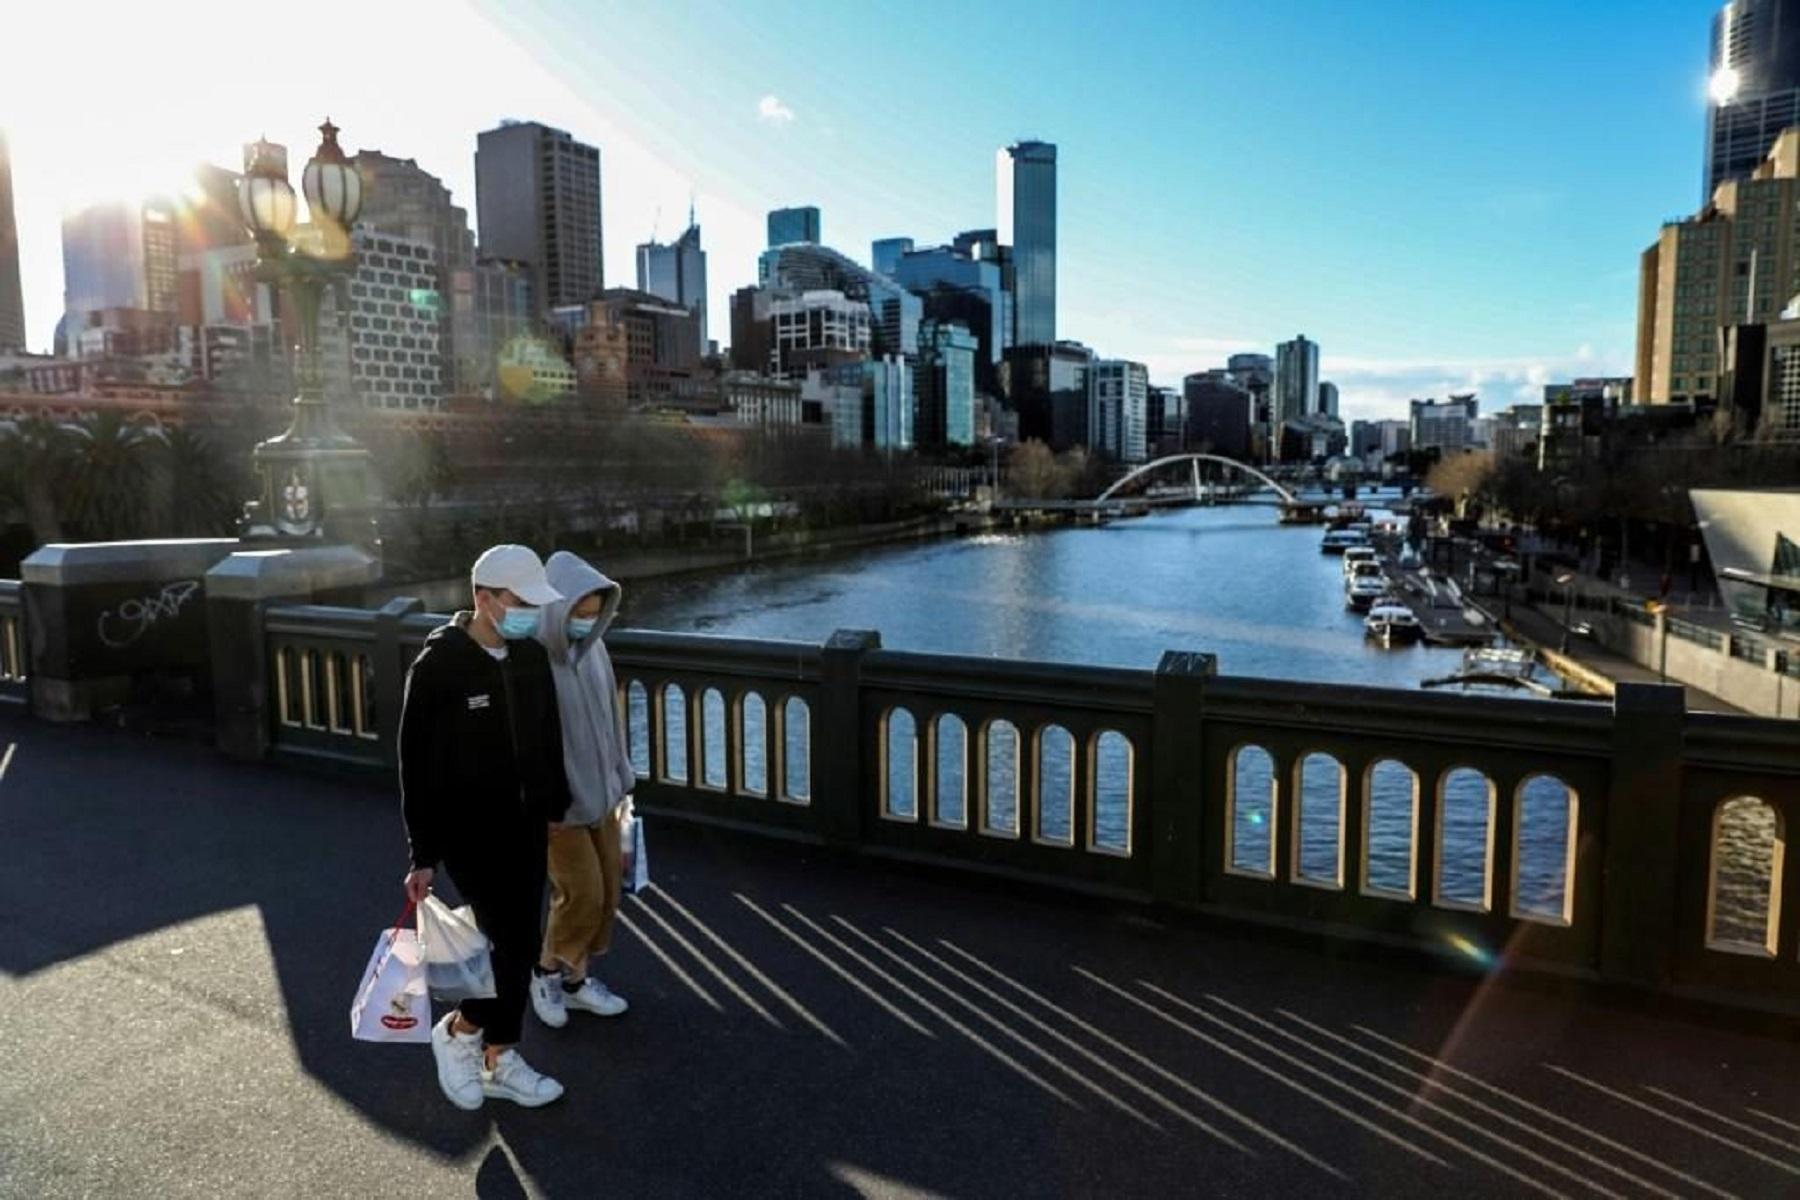 Παραλλαγή Δέλτα: Η Μελβούρνη επεκτείνει το lockdown καθώς η Αυστραλία δεν μπορεί να σταματήσει το ξέσπασμα